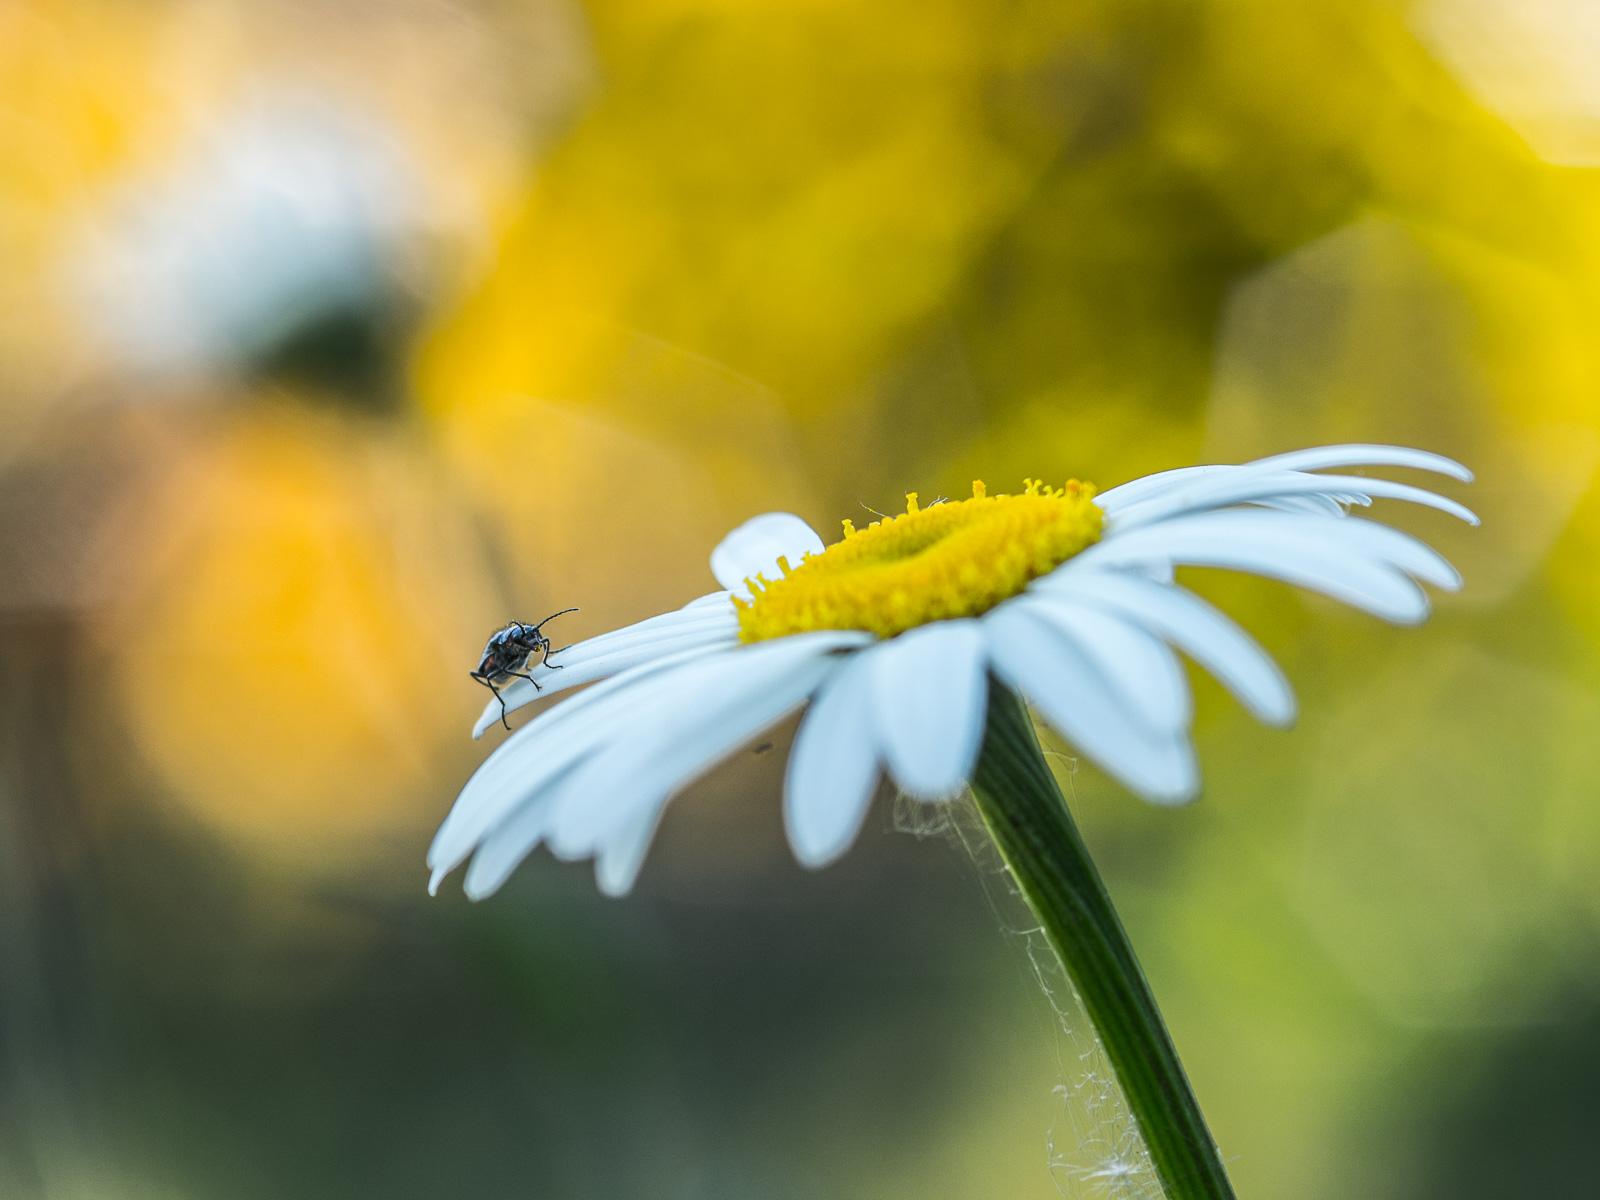 Margerite mit unbekanntem Käfer, vor unscharf gelbem Hintergrund